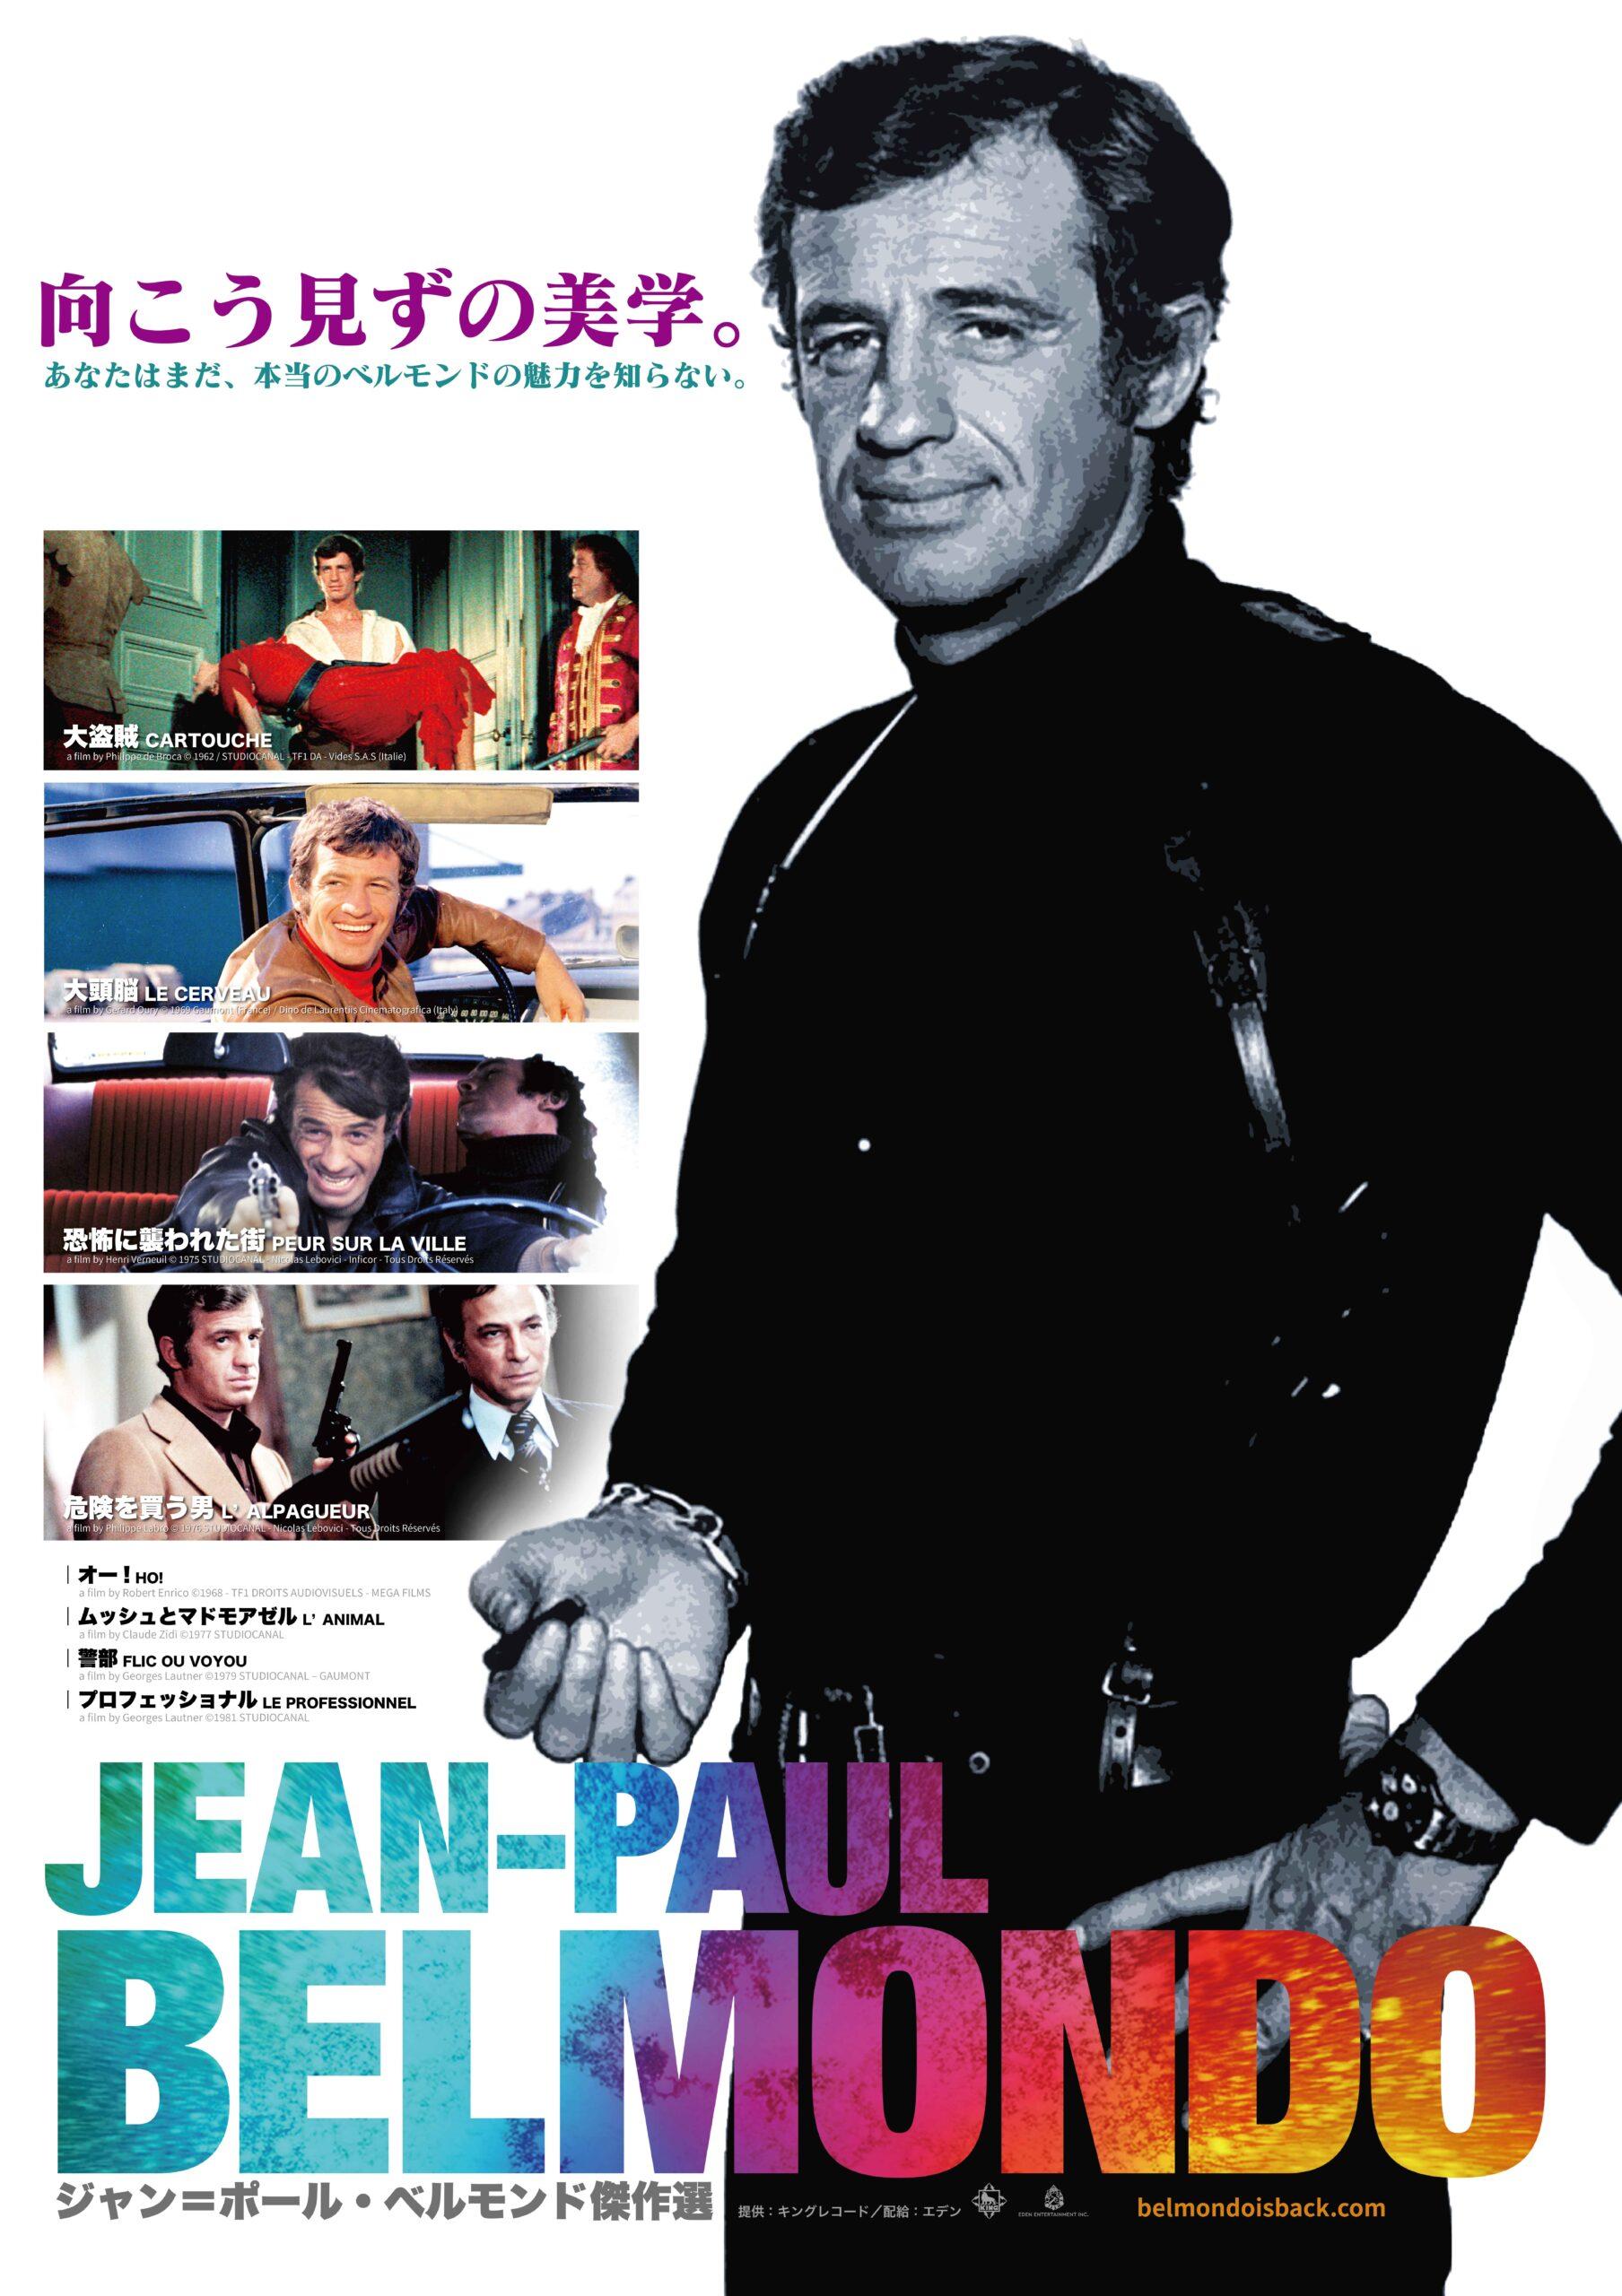 《ジャン=ポール・ベルモンド傑作選》入場料金のご案内